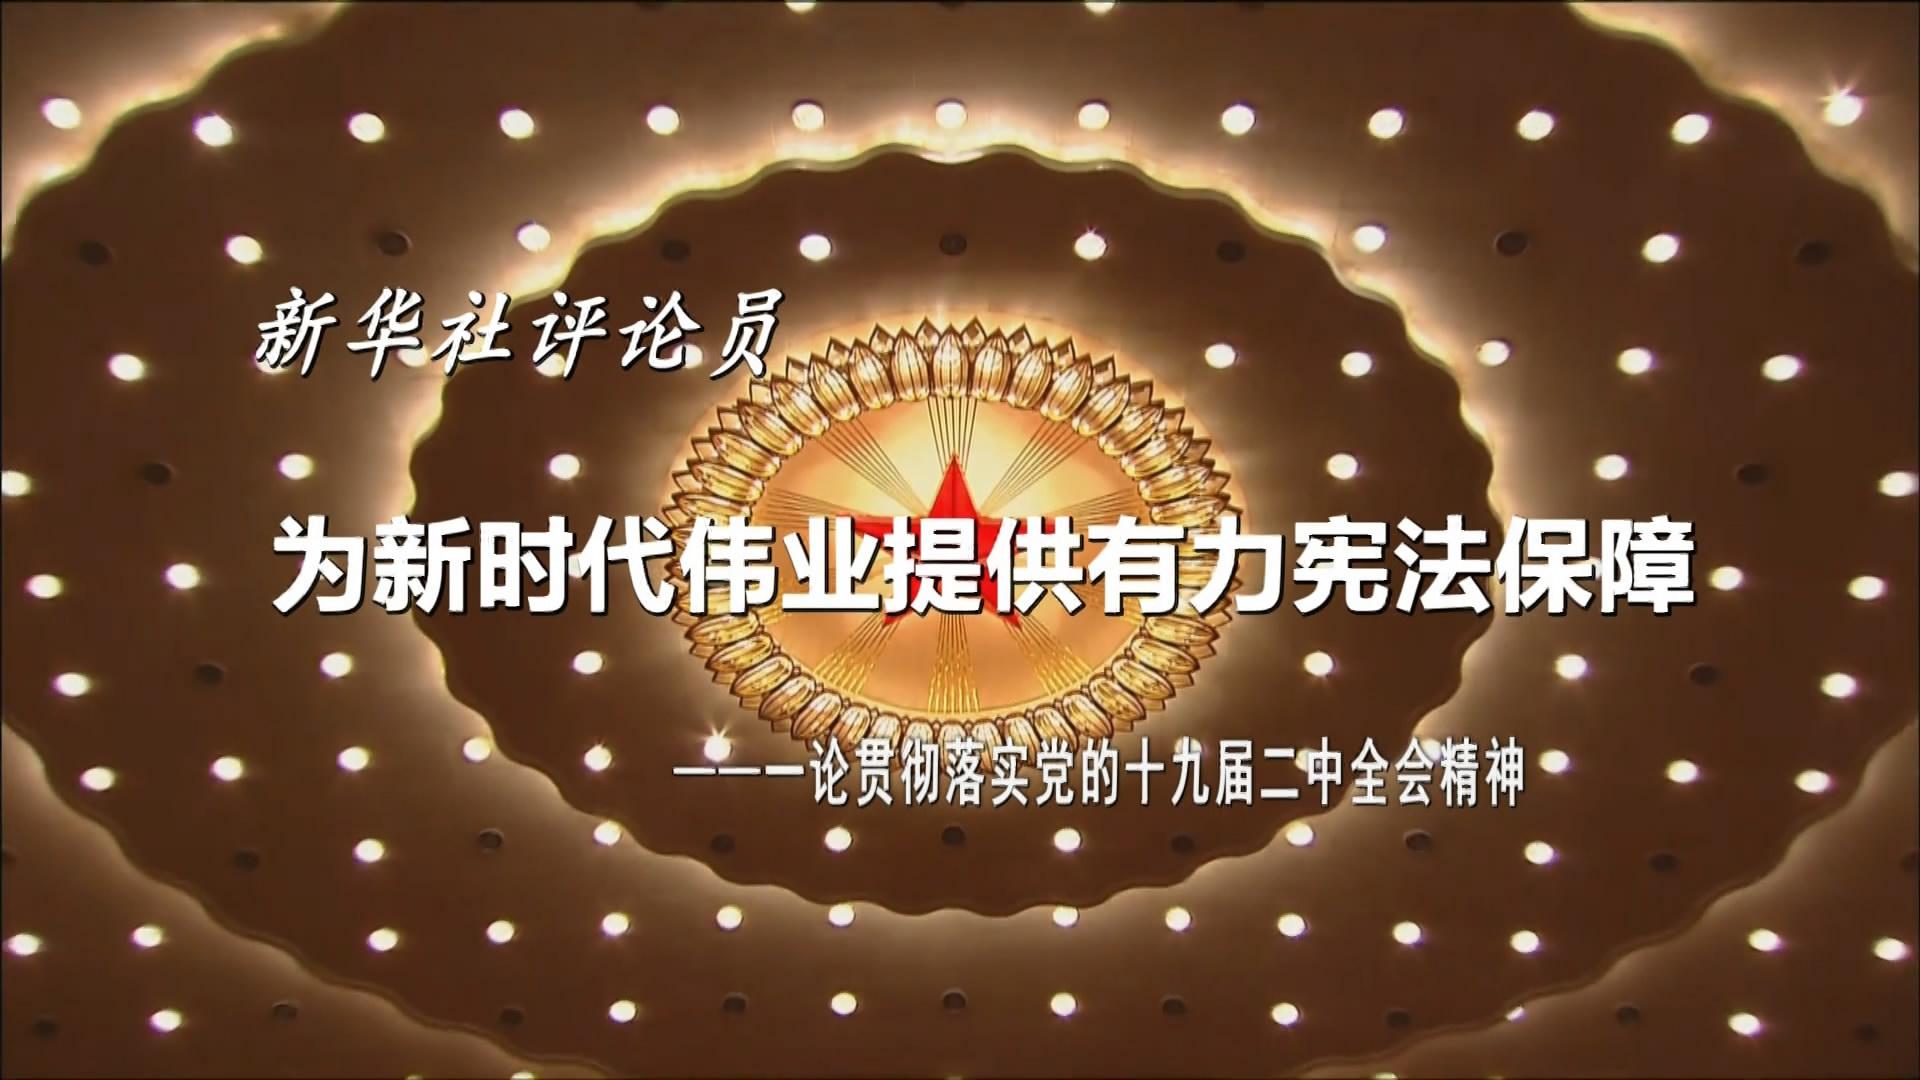 新华社评论员:为新时代伟业提供有力宪法保障